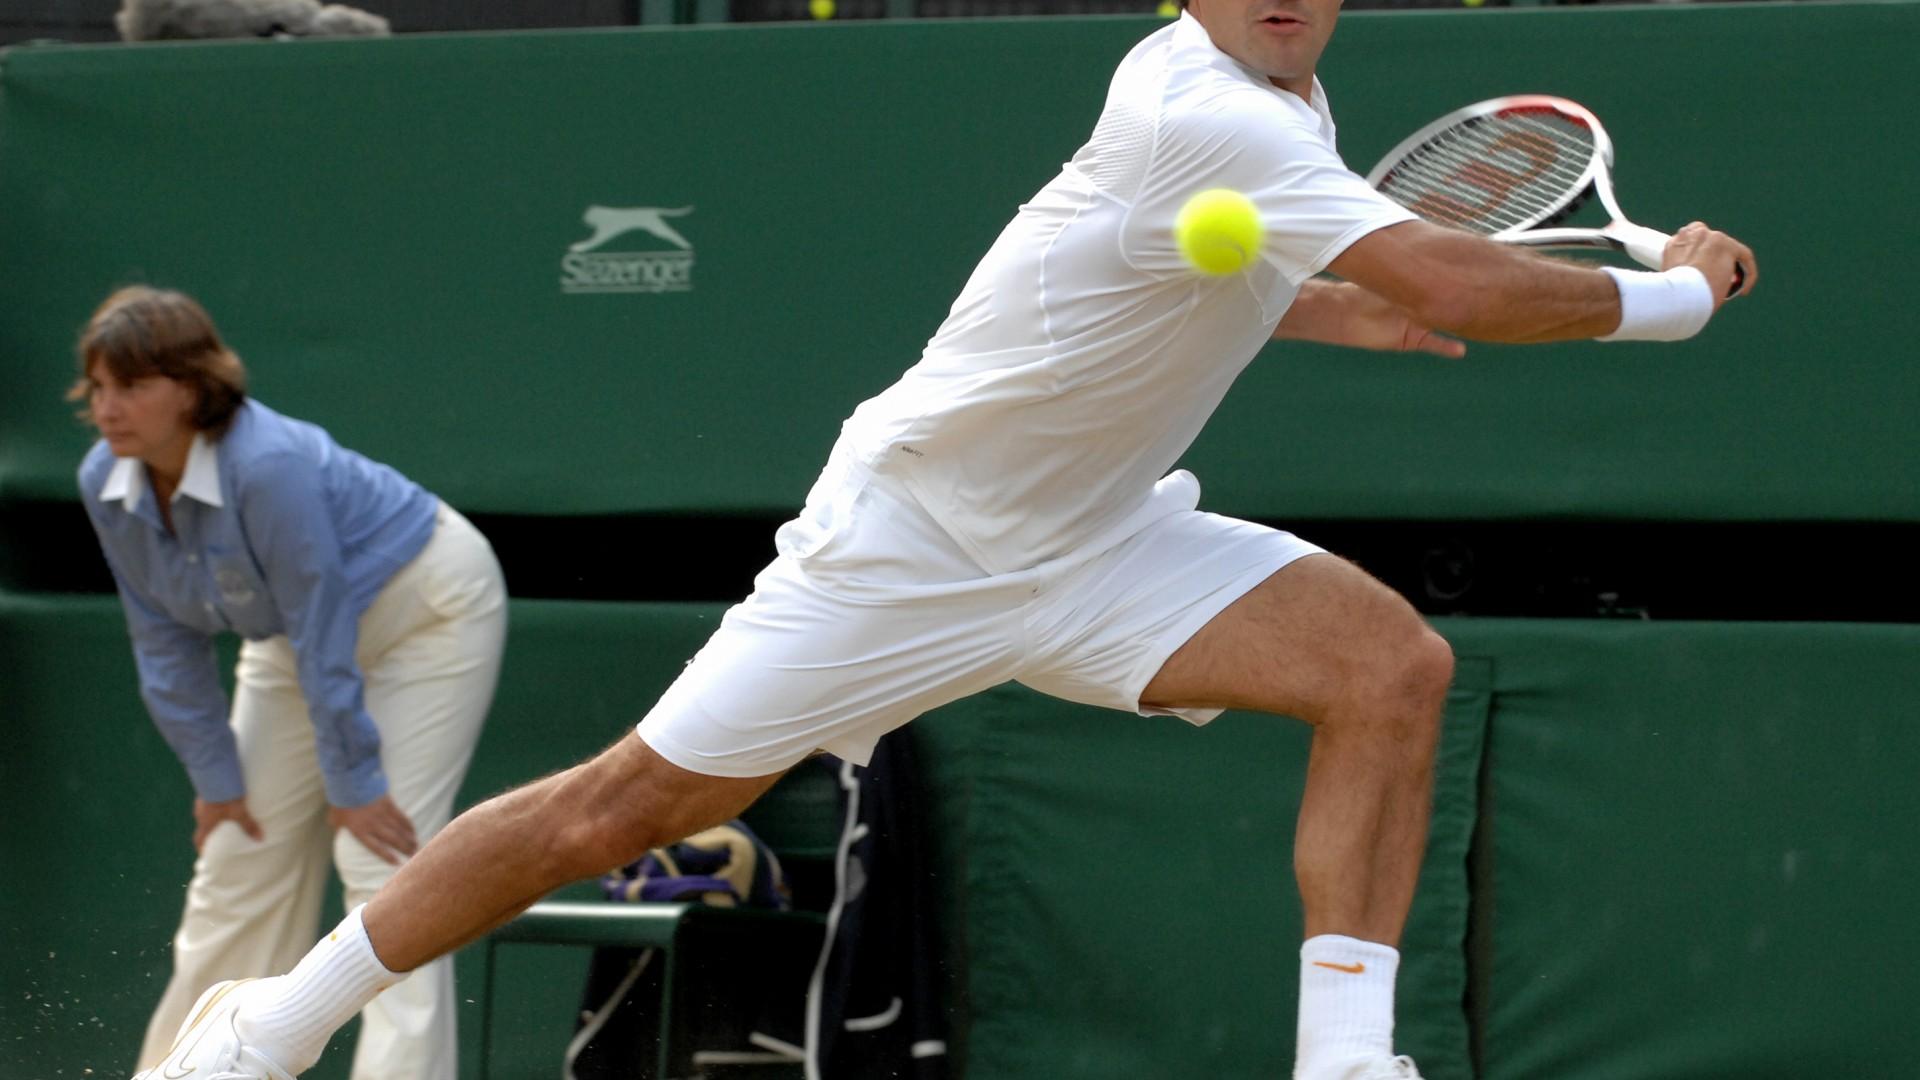 vs Rafa Nadal, 2007